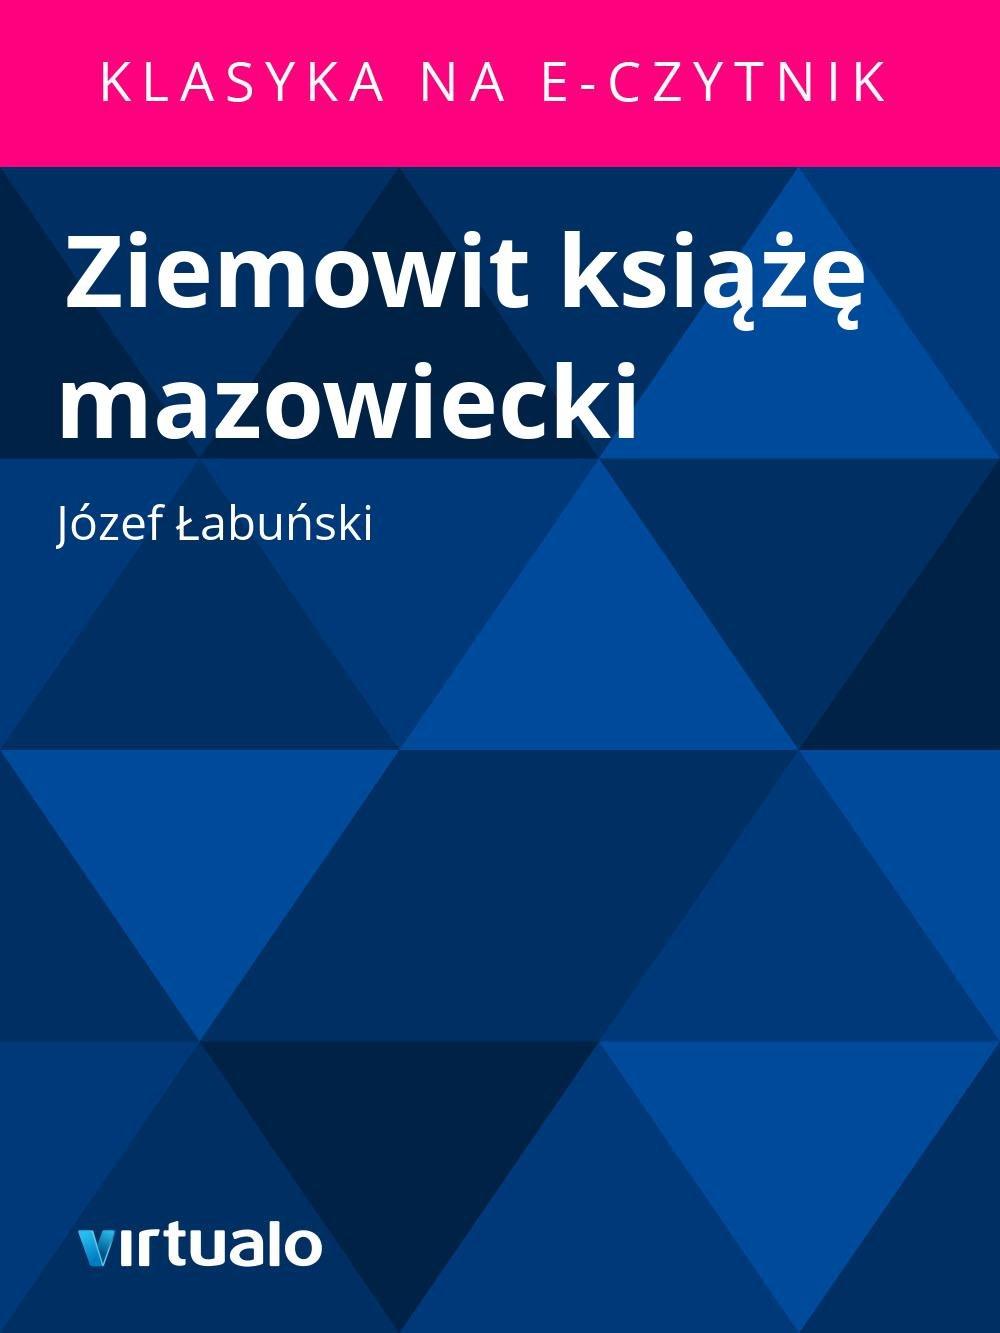 Ziemowit książę mazowiecki - Ebook (Książka EPUB) do pobrania w formacie EPUB